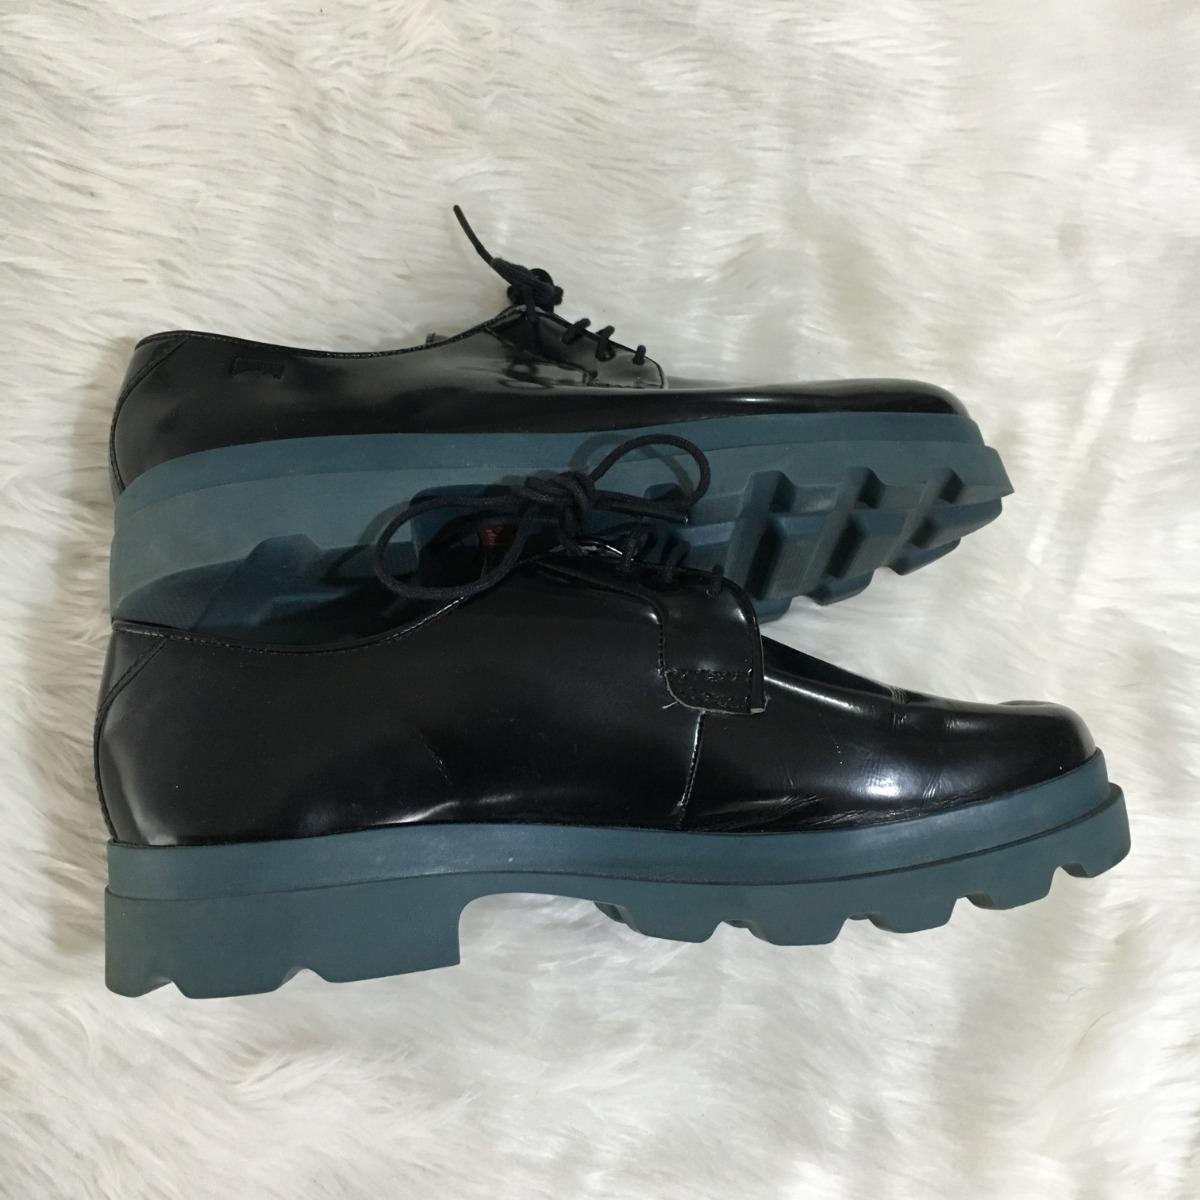 00 Zapatos Cómodos Mercado Libre Mujer En Negros1 Camper 000